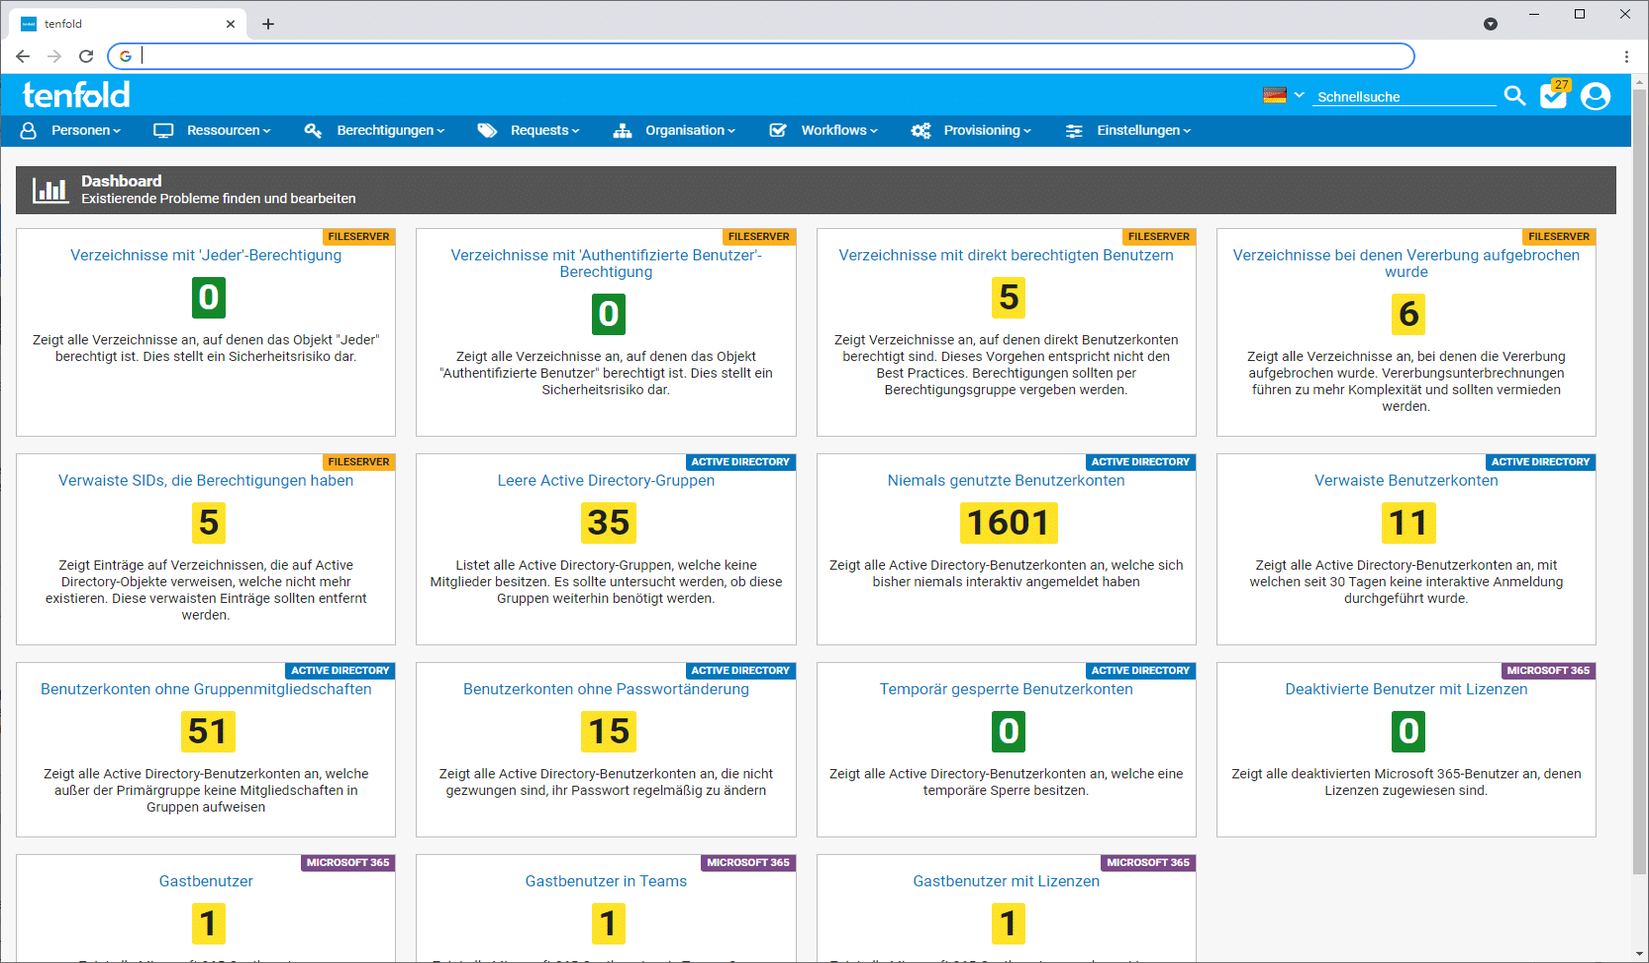 Screenshot der Benutzeroberfläche der IAM Software tenfold, auf dem das Dashboard zu sehen ist, das File Server und Active Directory Probleme zusammenfasst und behebt.